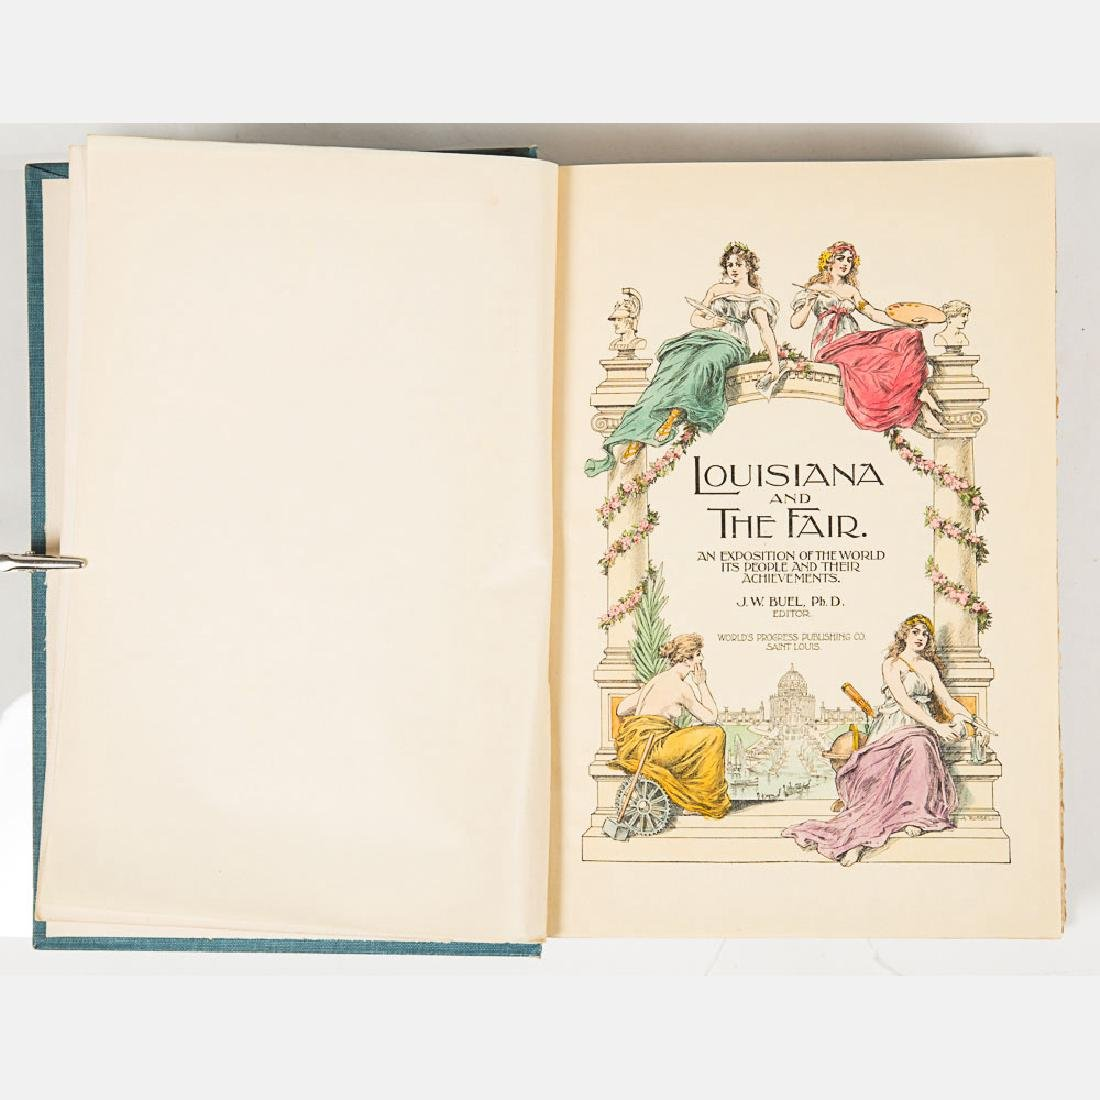 Buel, J.W. (1849-1920). ed. Louisiana and the Fair: An - 5